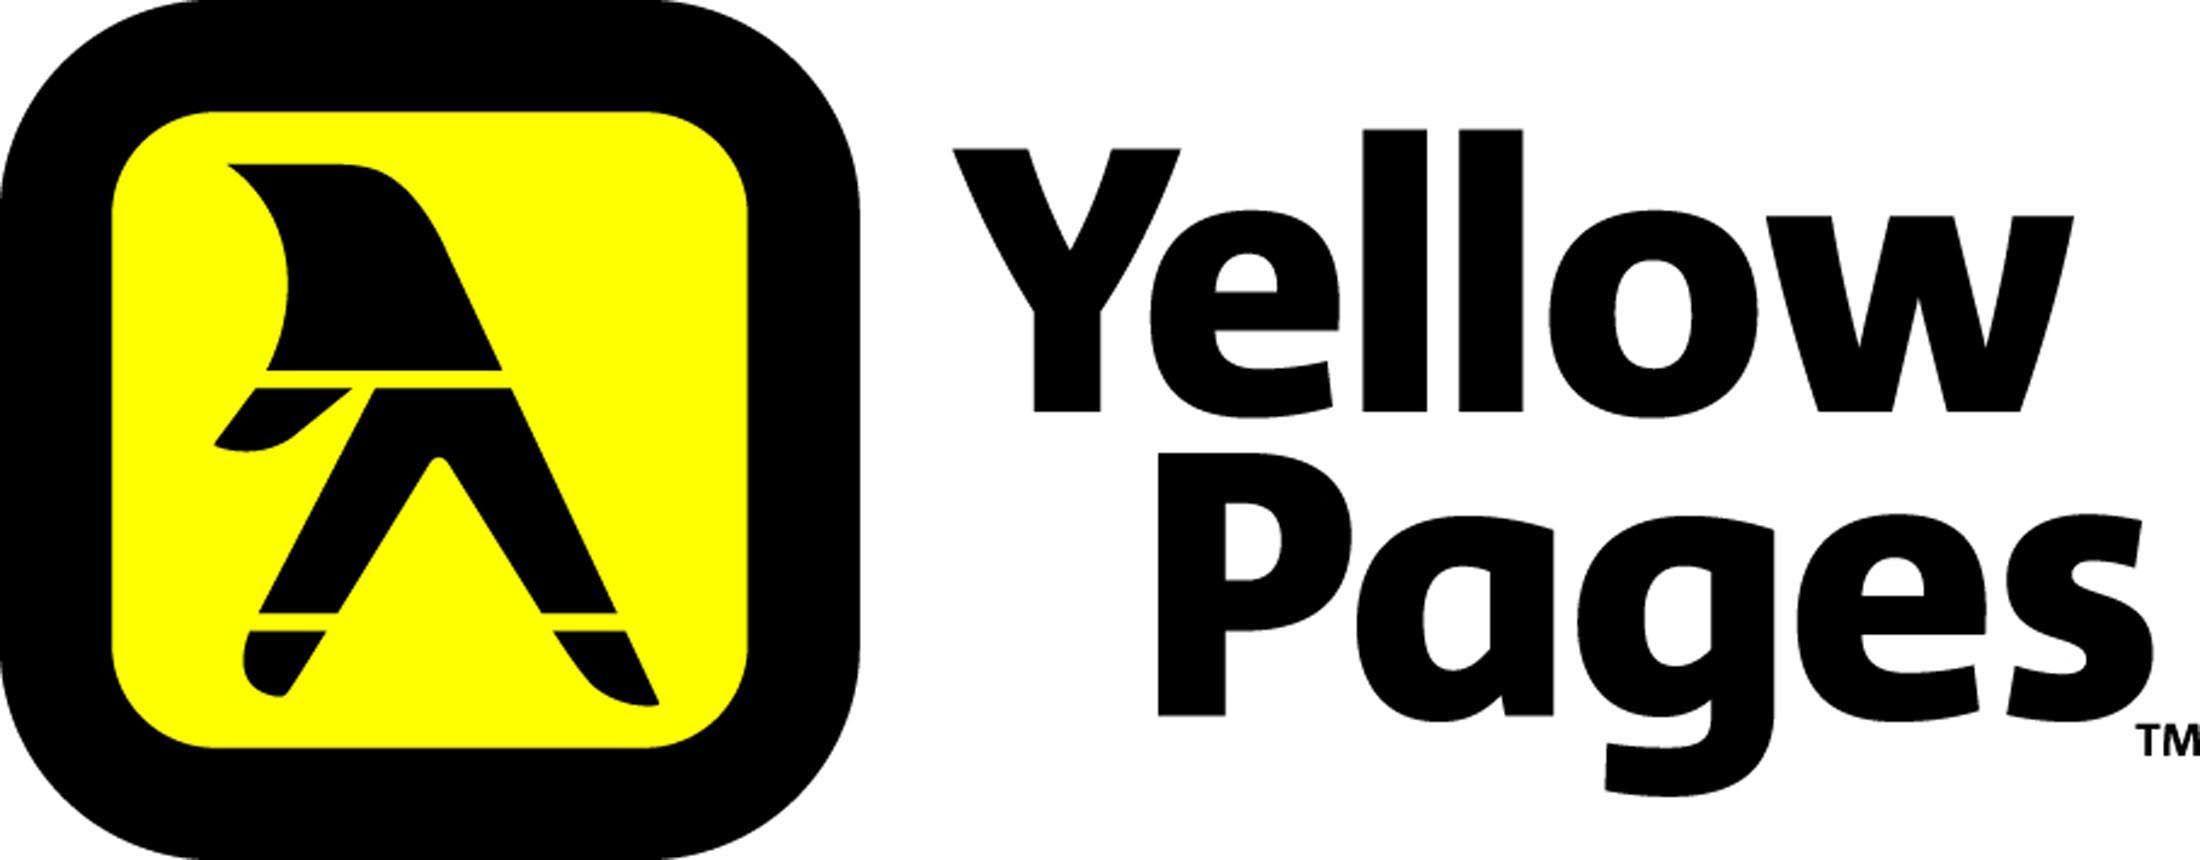 Resultado de imagen de yellow pages logo Yellow pages